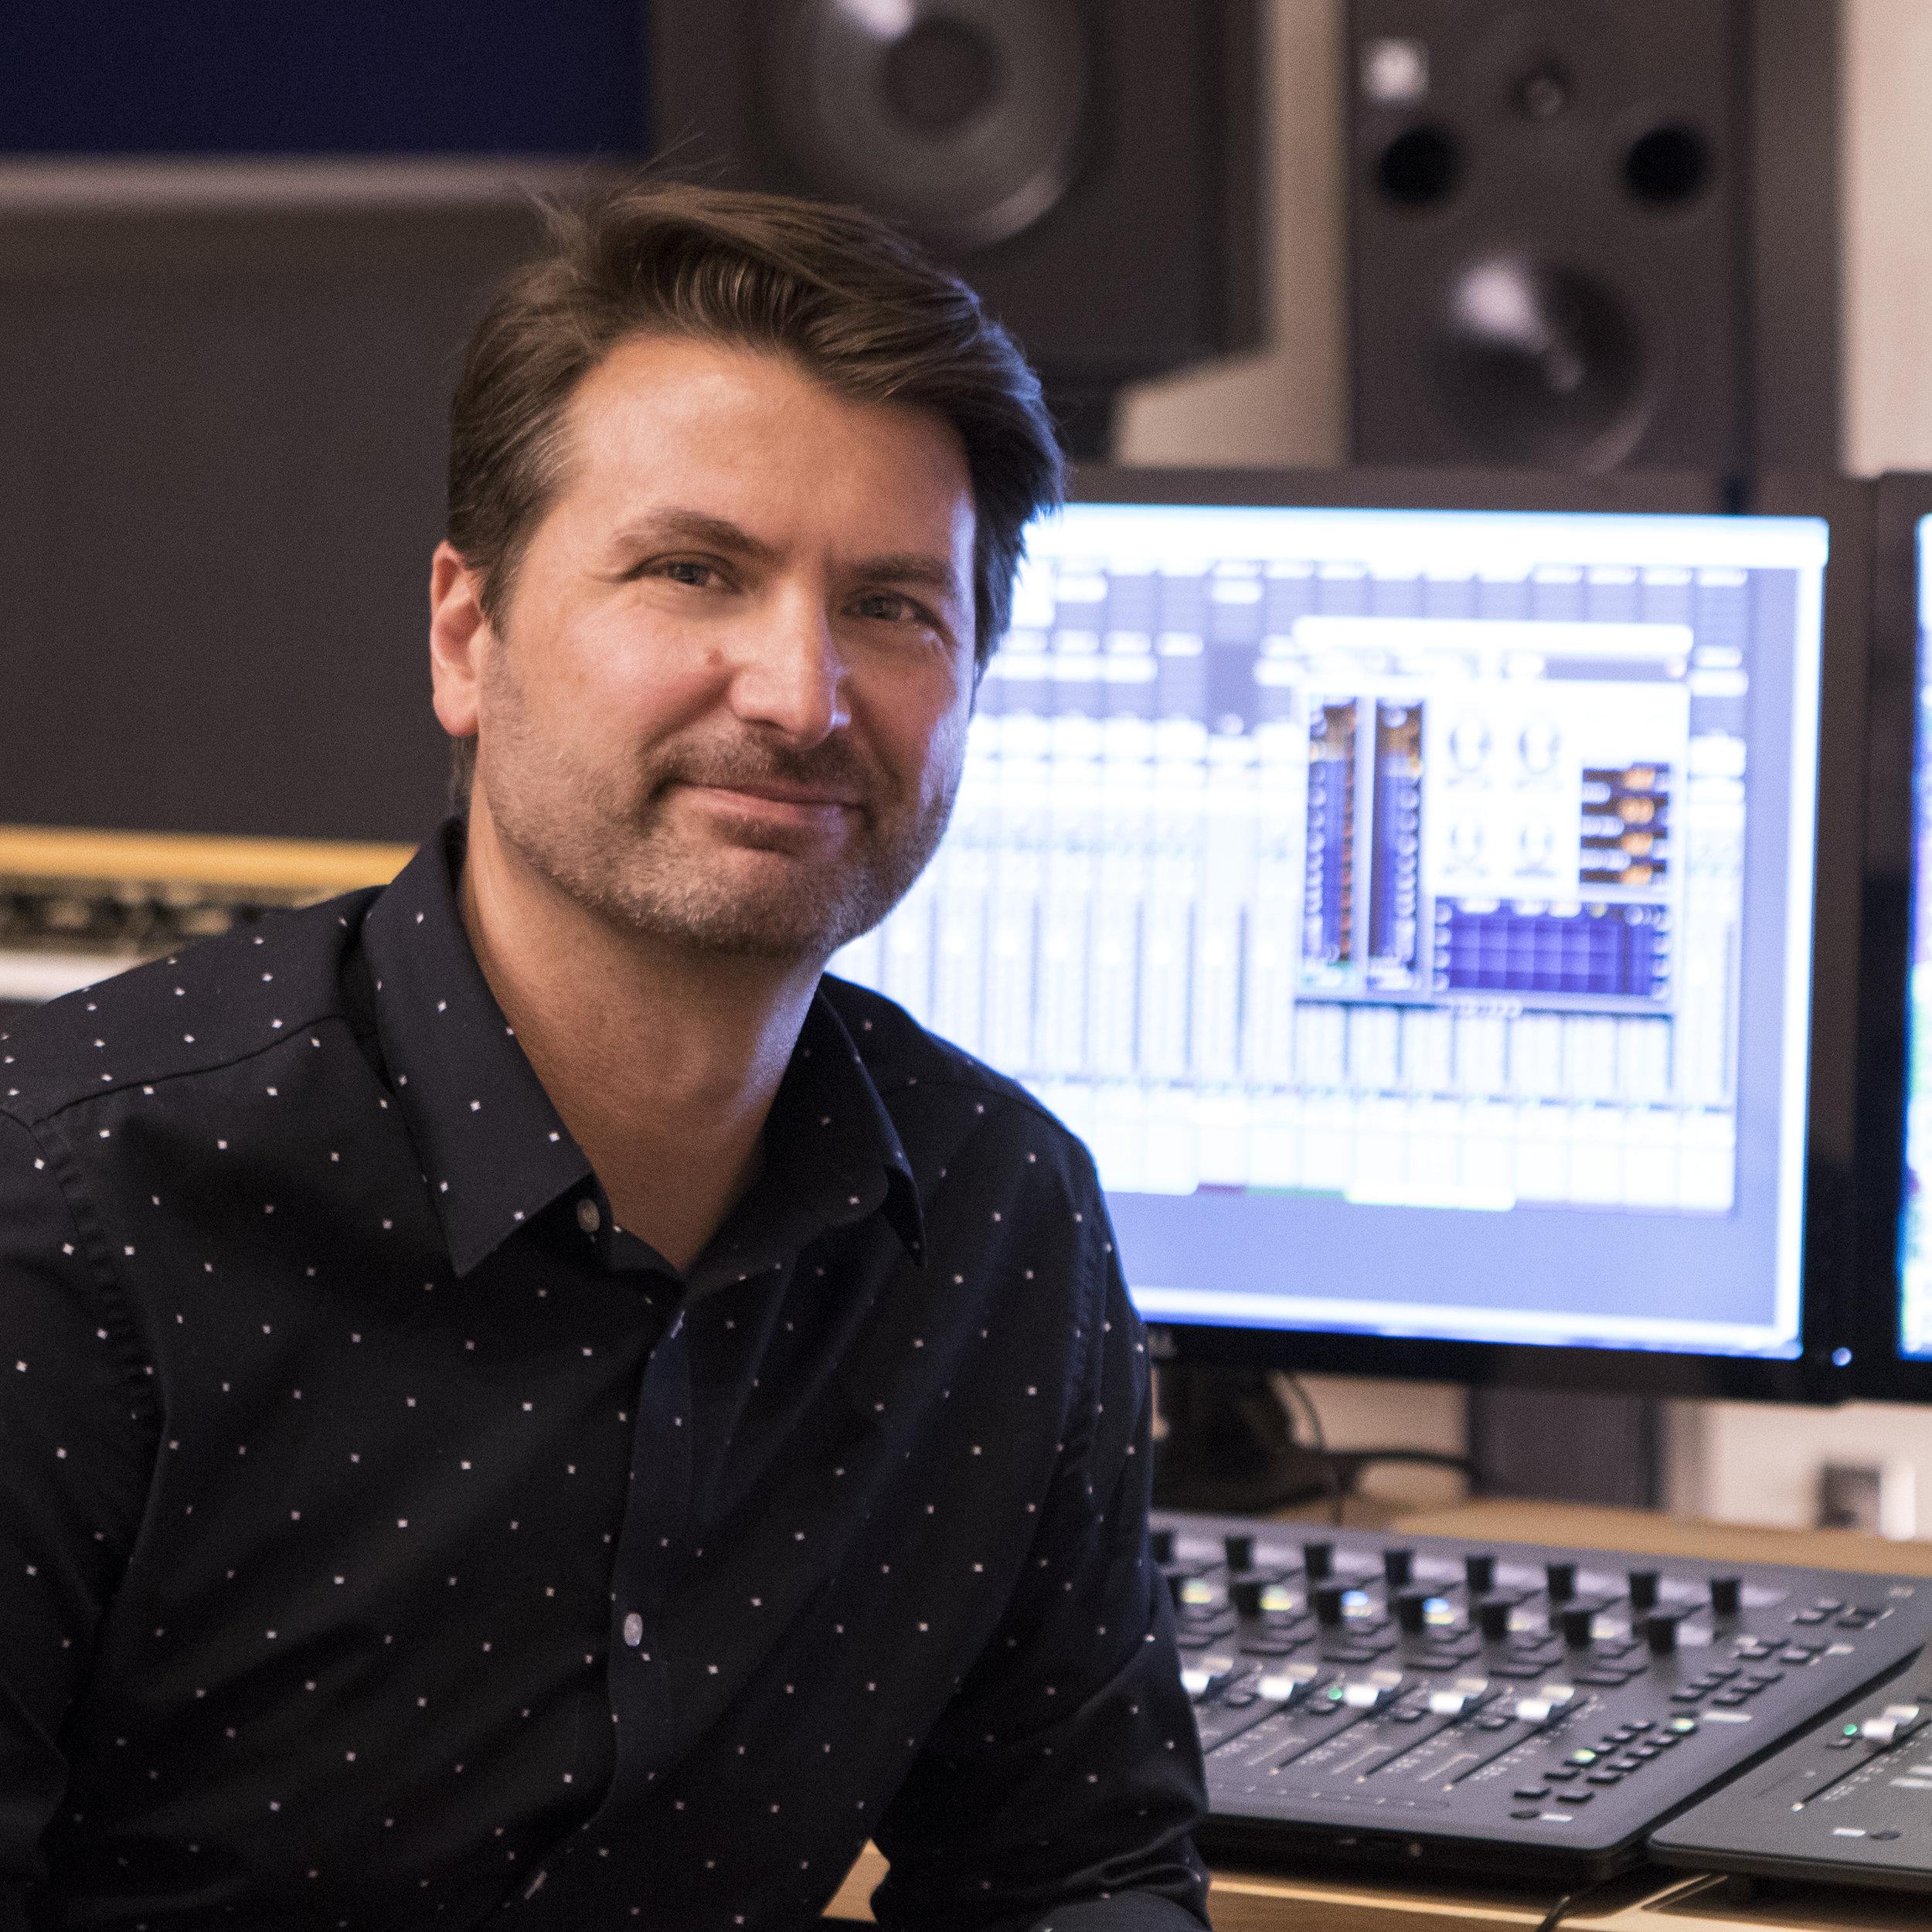 Austin Gorrigan - Senior Audio Engineer